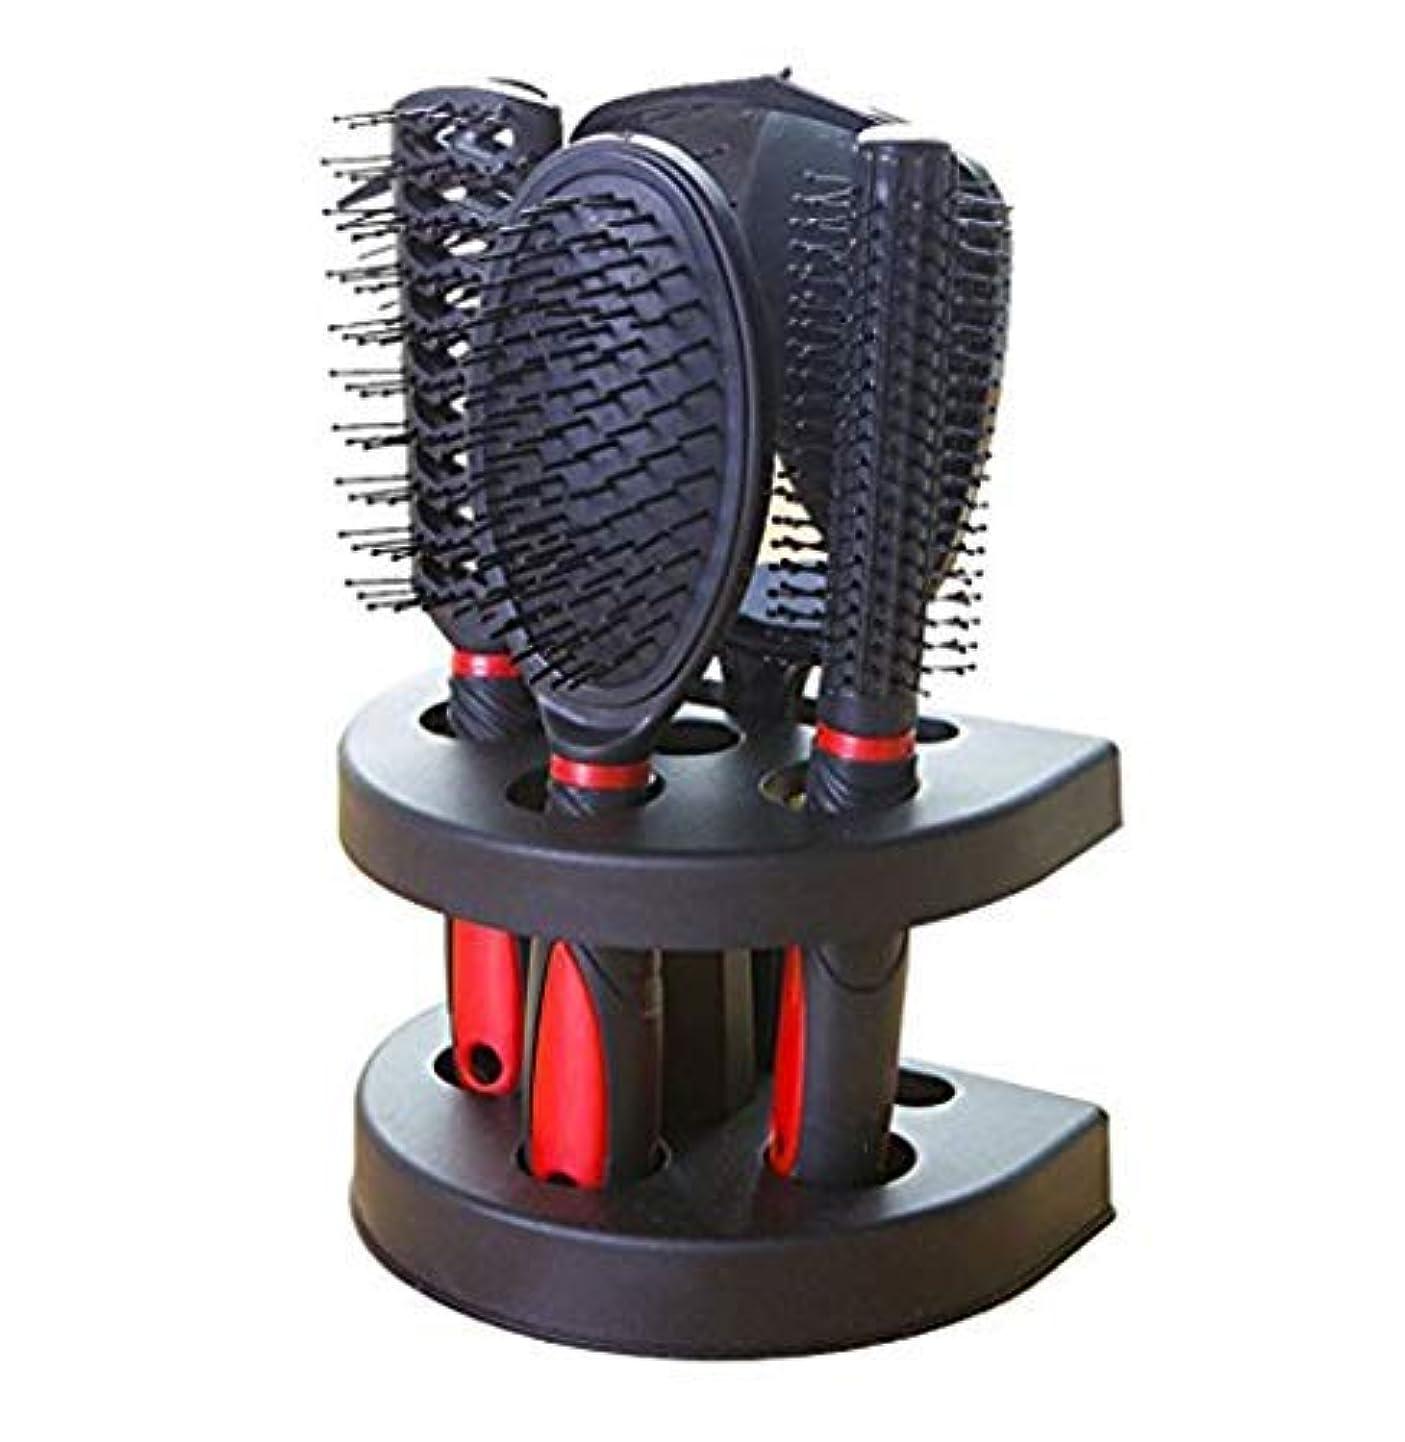 学者ウルル配管Healthcom Hairs Combs Salon Hairdressing Styling Tool Hair Cutting Brushes Sets Dressing Comb Kits,Set of 5 [並行輸入品]